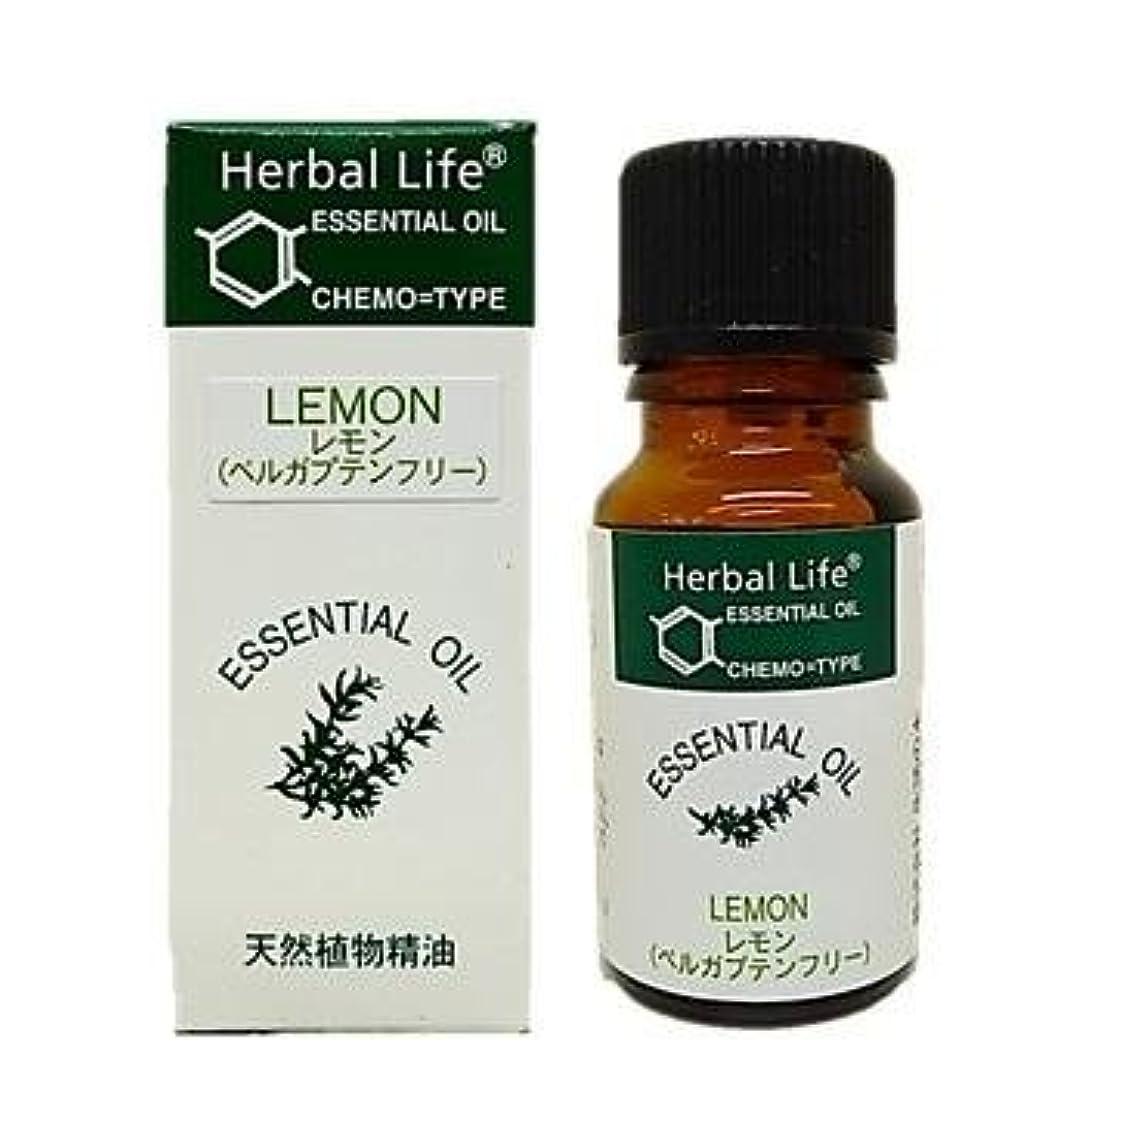 エッセイ付録仕事生活の木 レモン(フロクマリンフリー)10ml エッセンシャルオイル/精油